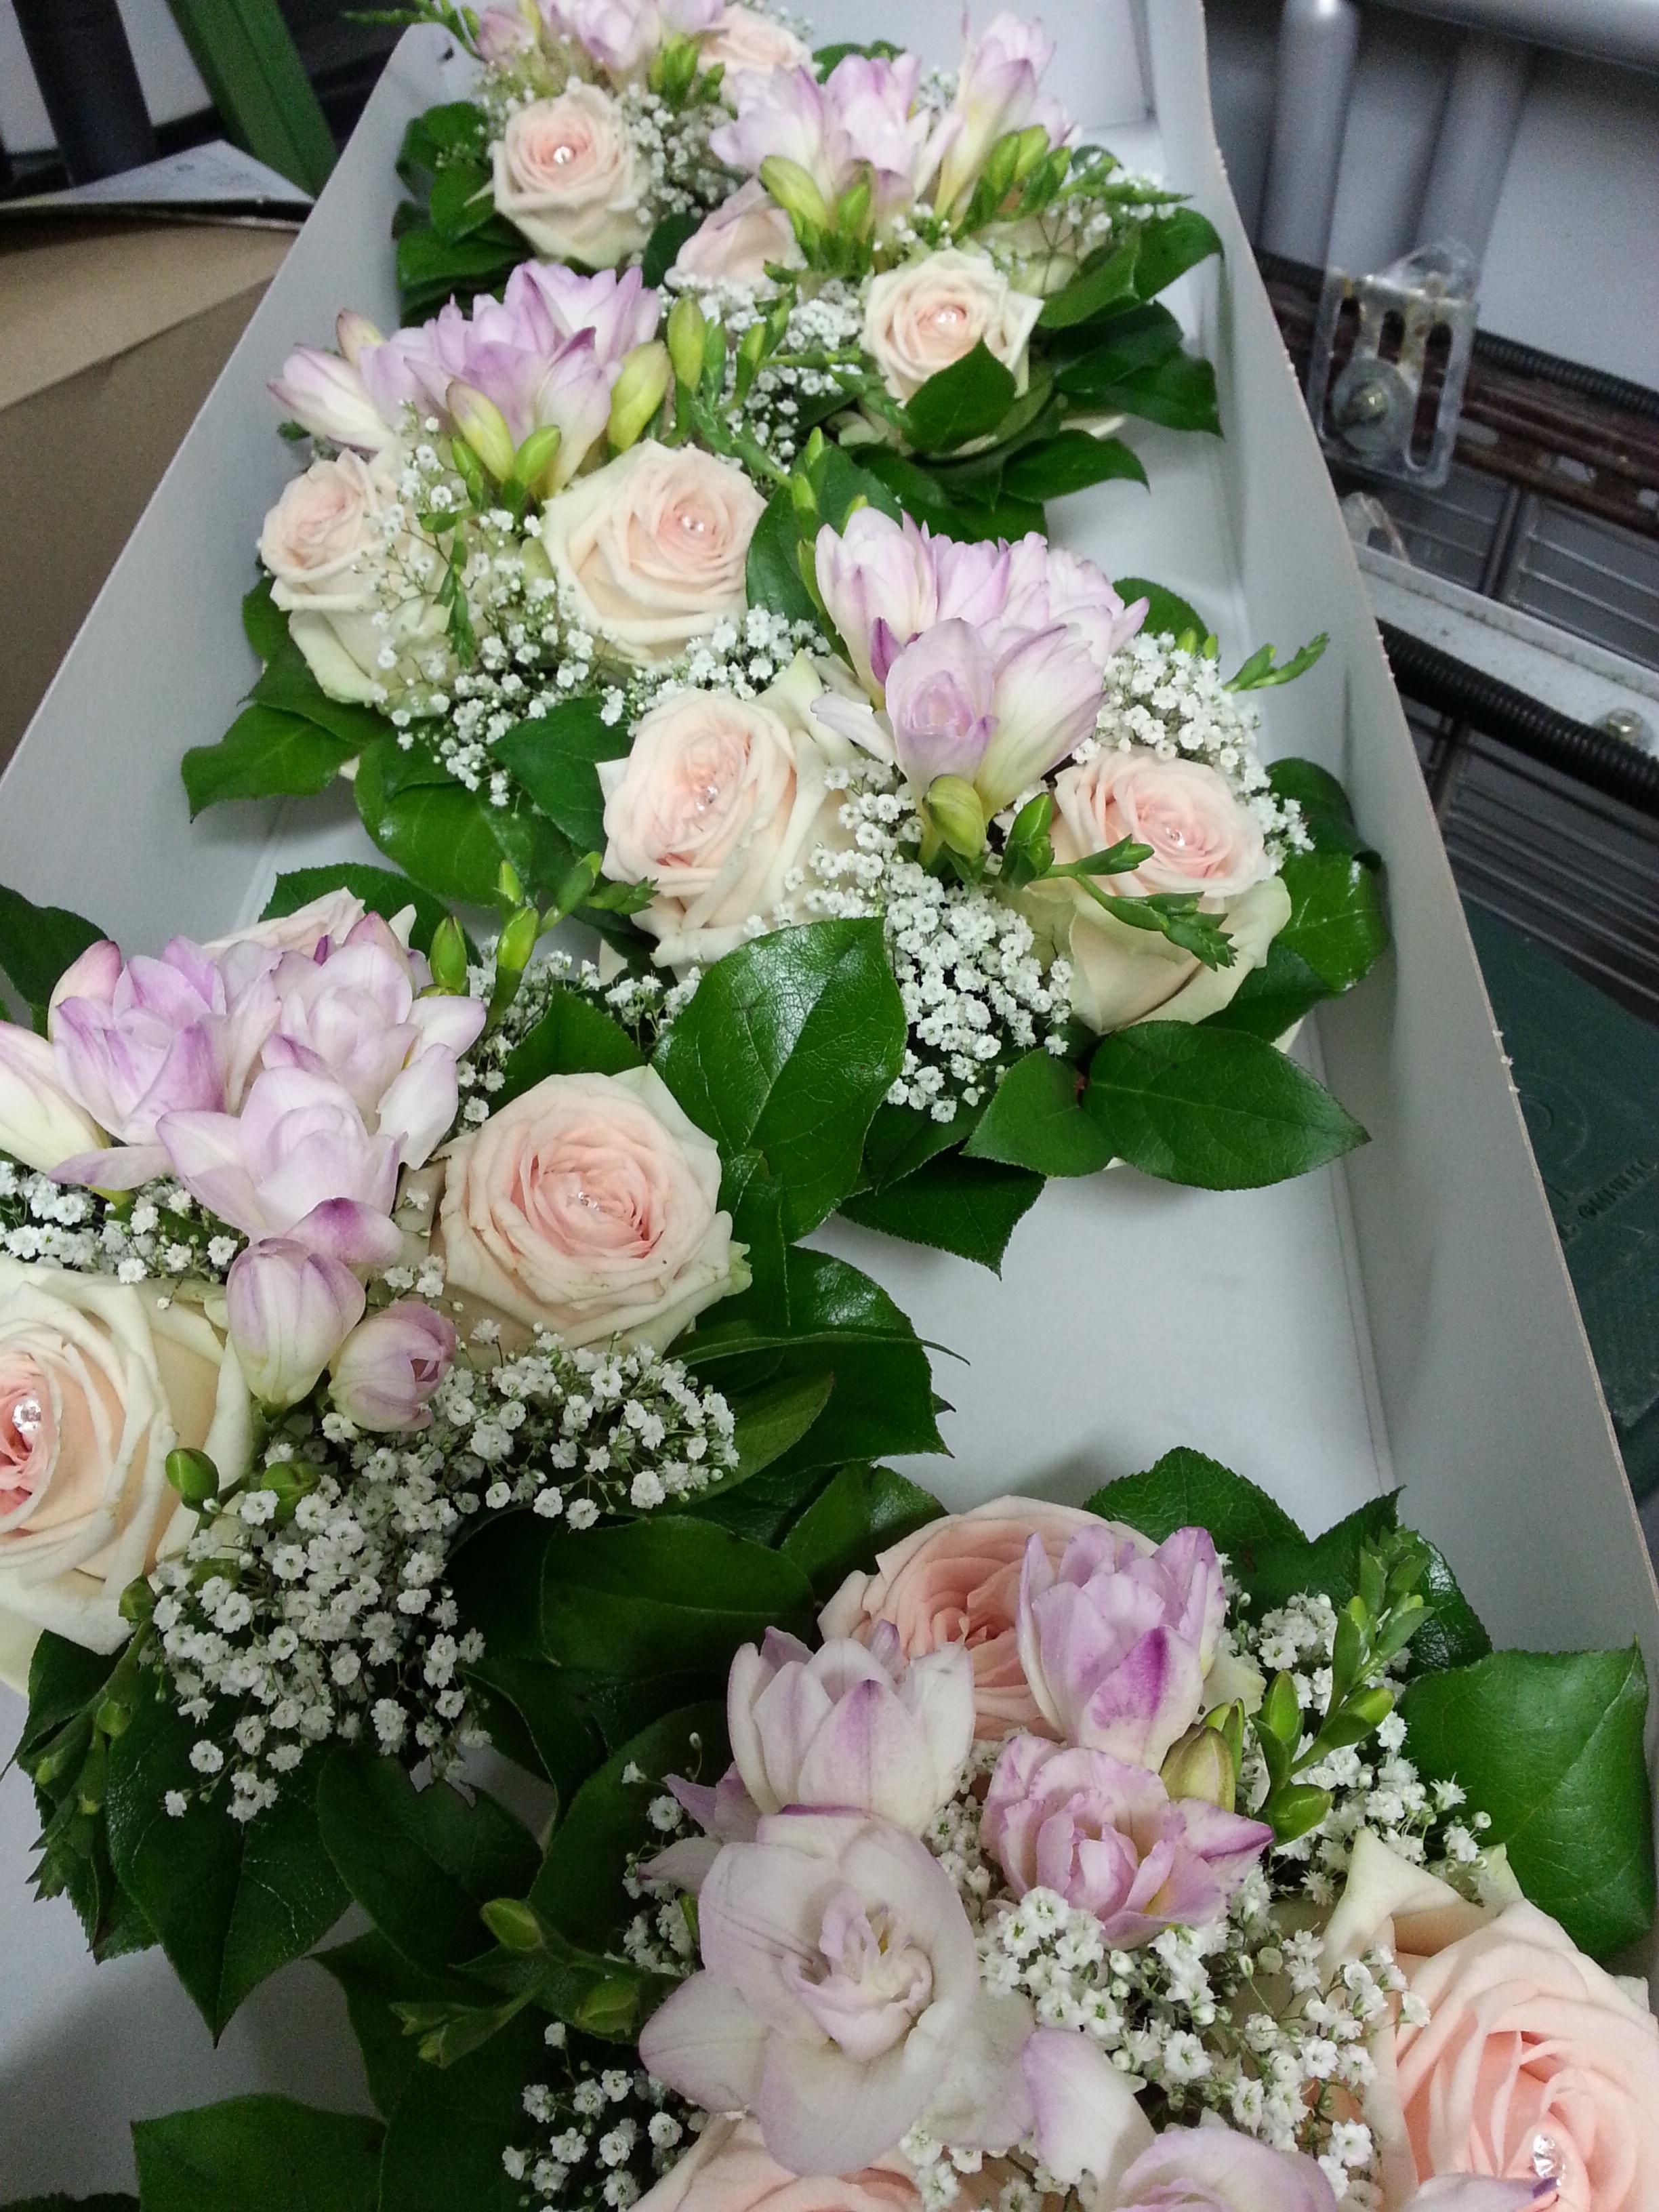 Couleurs de fleurs fleuriste champigneulles mariage 11 for Site de fleurs